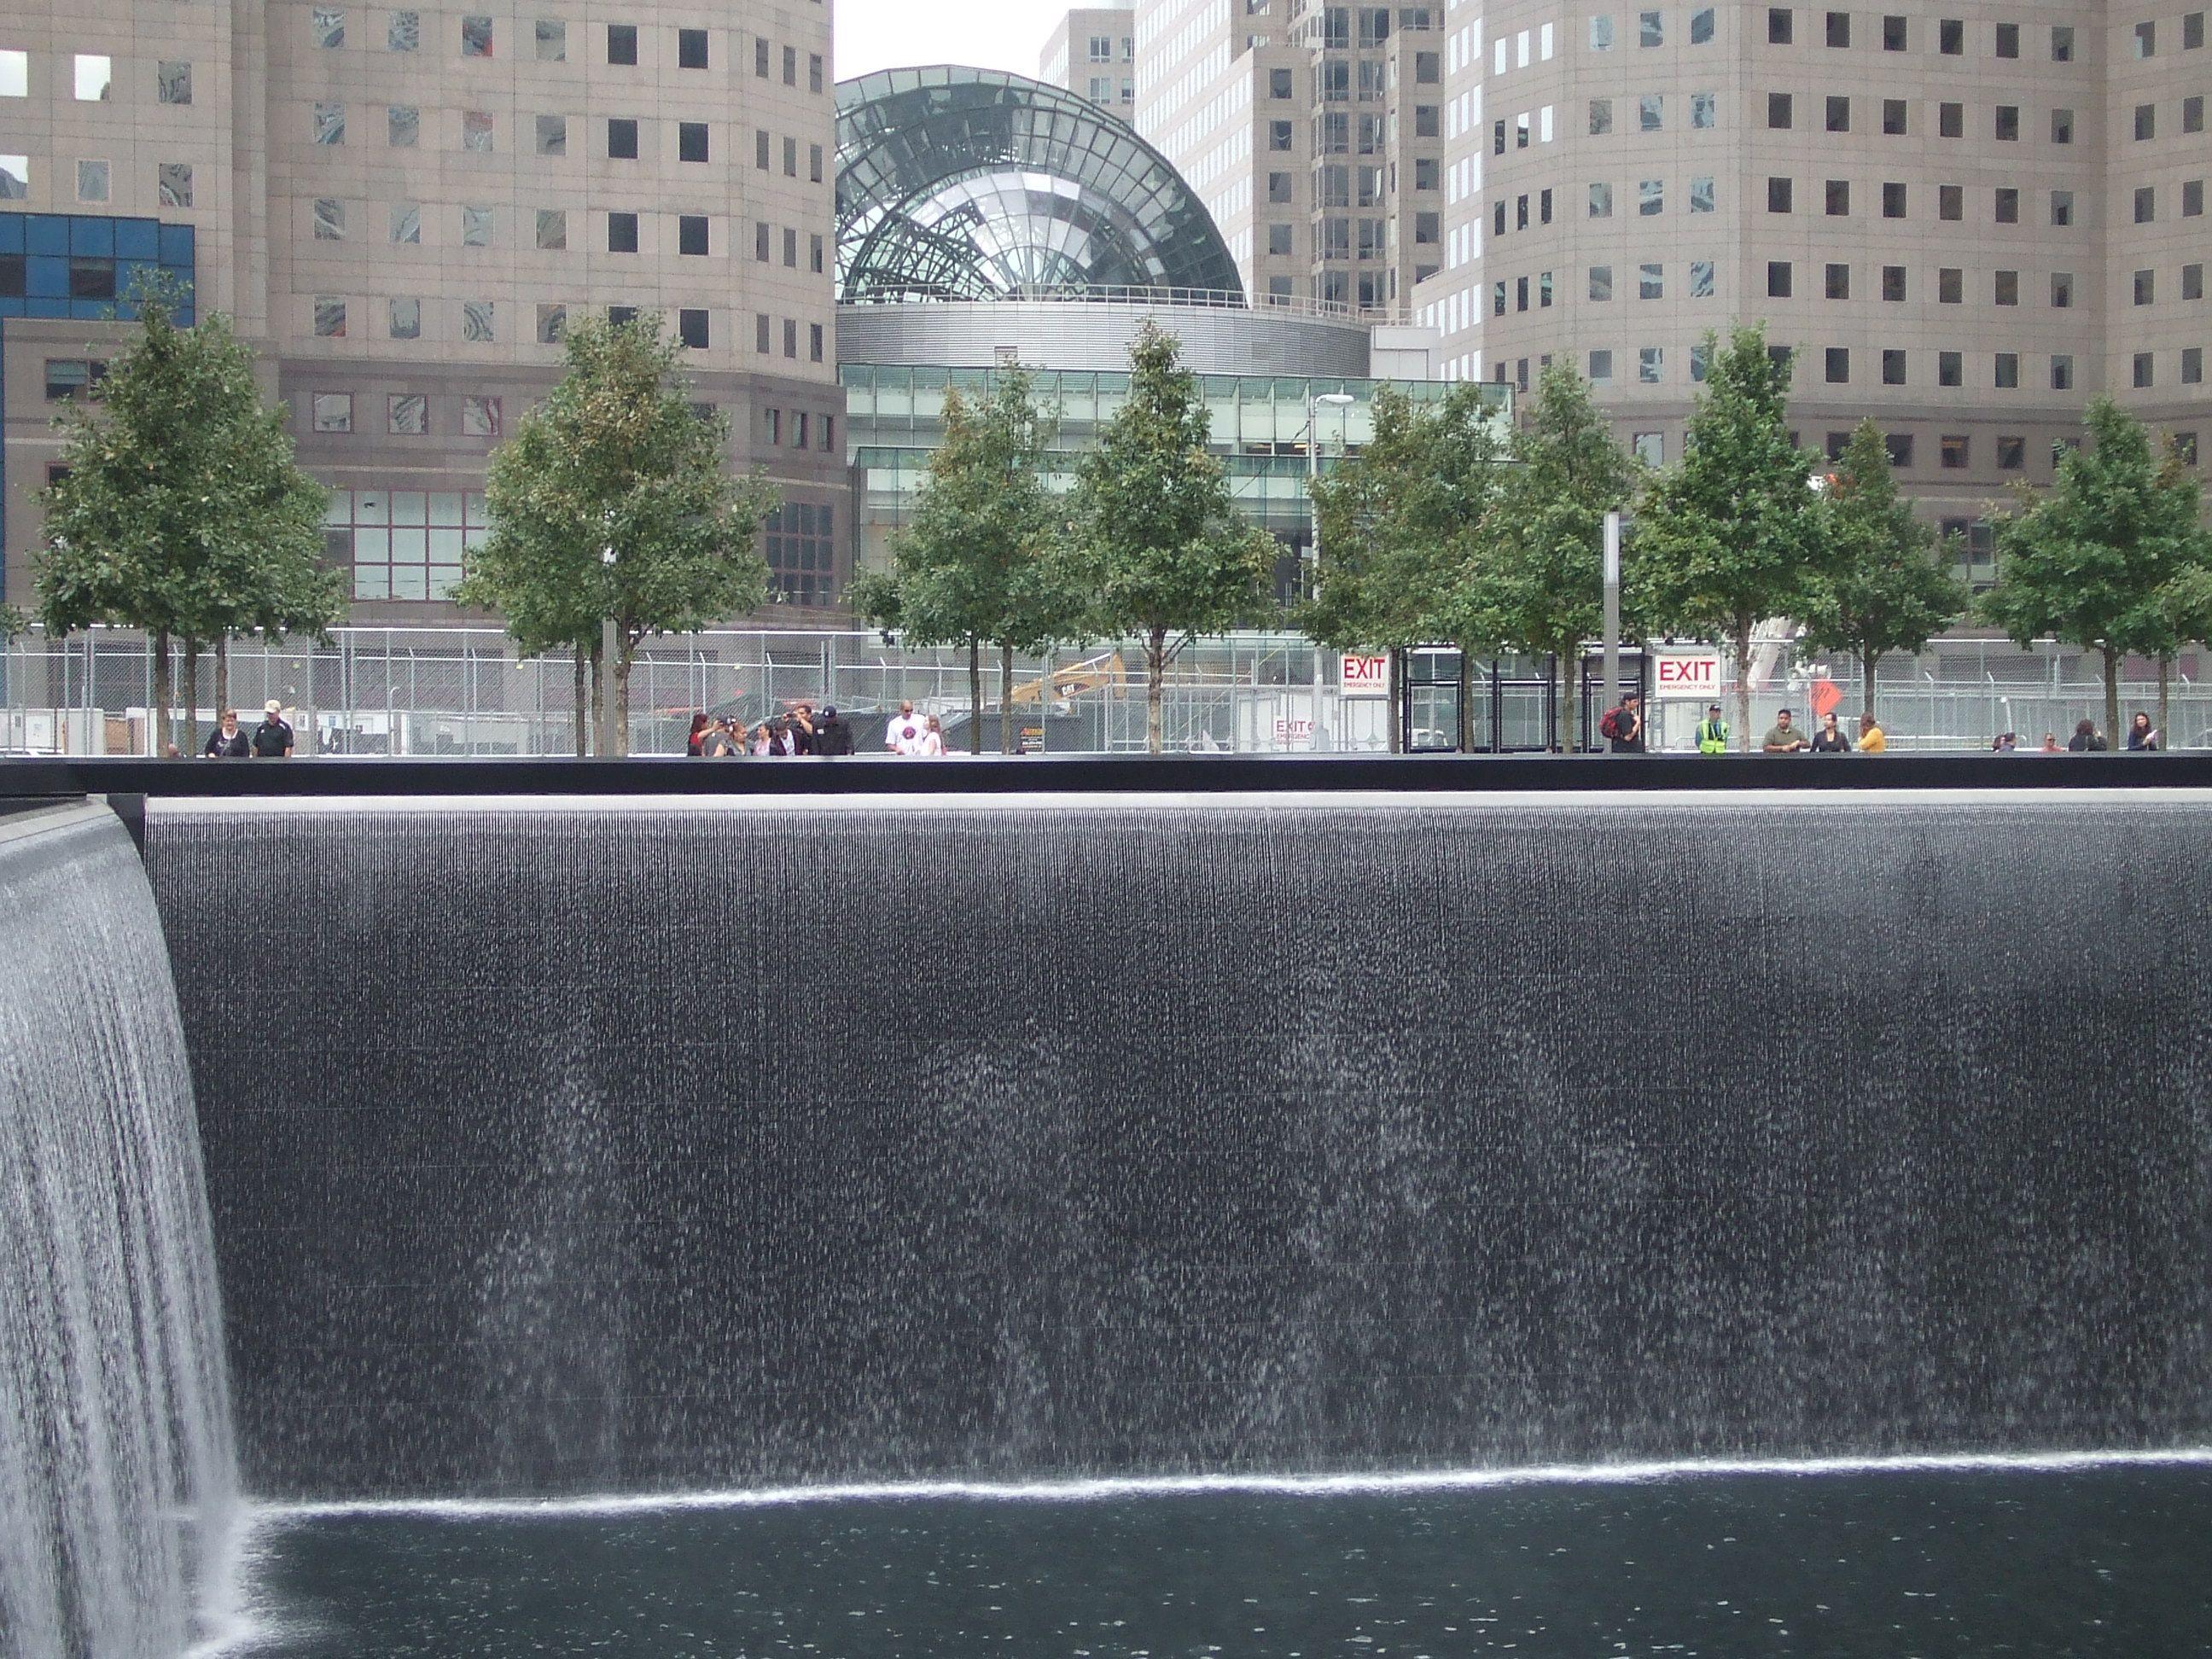 9 11 memorial reflection pool 2 and winter garden south beach